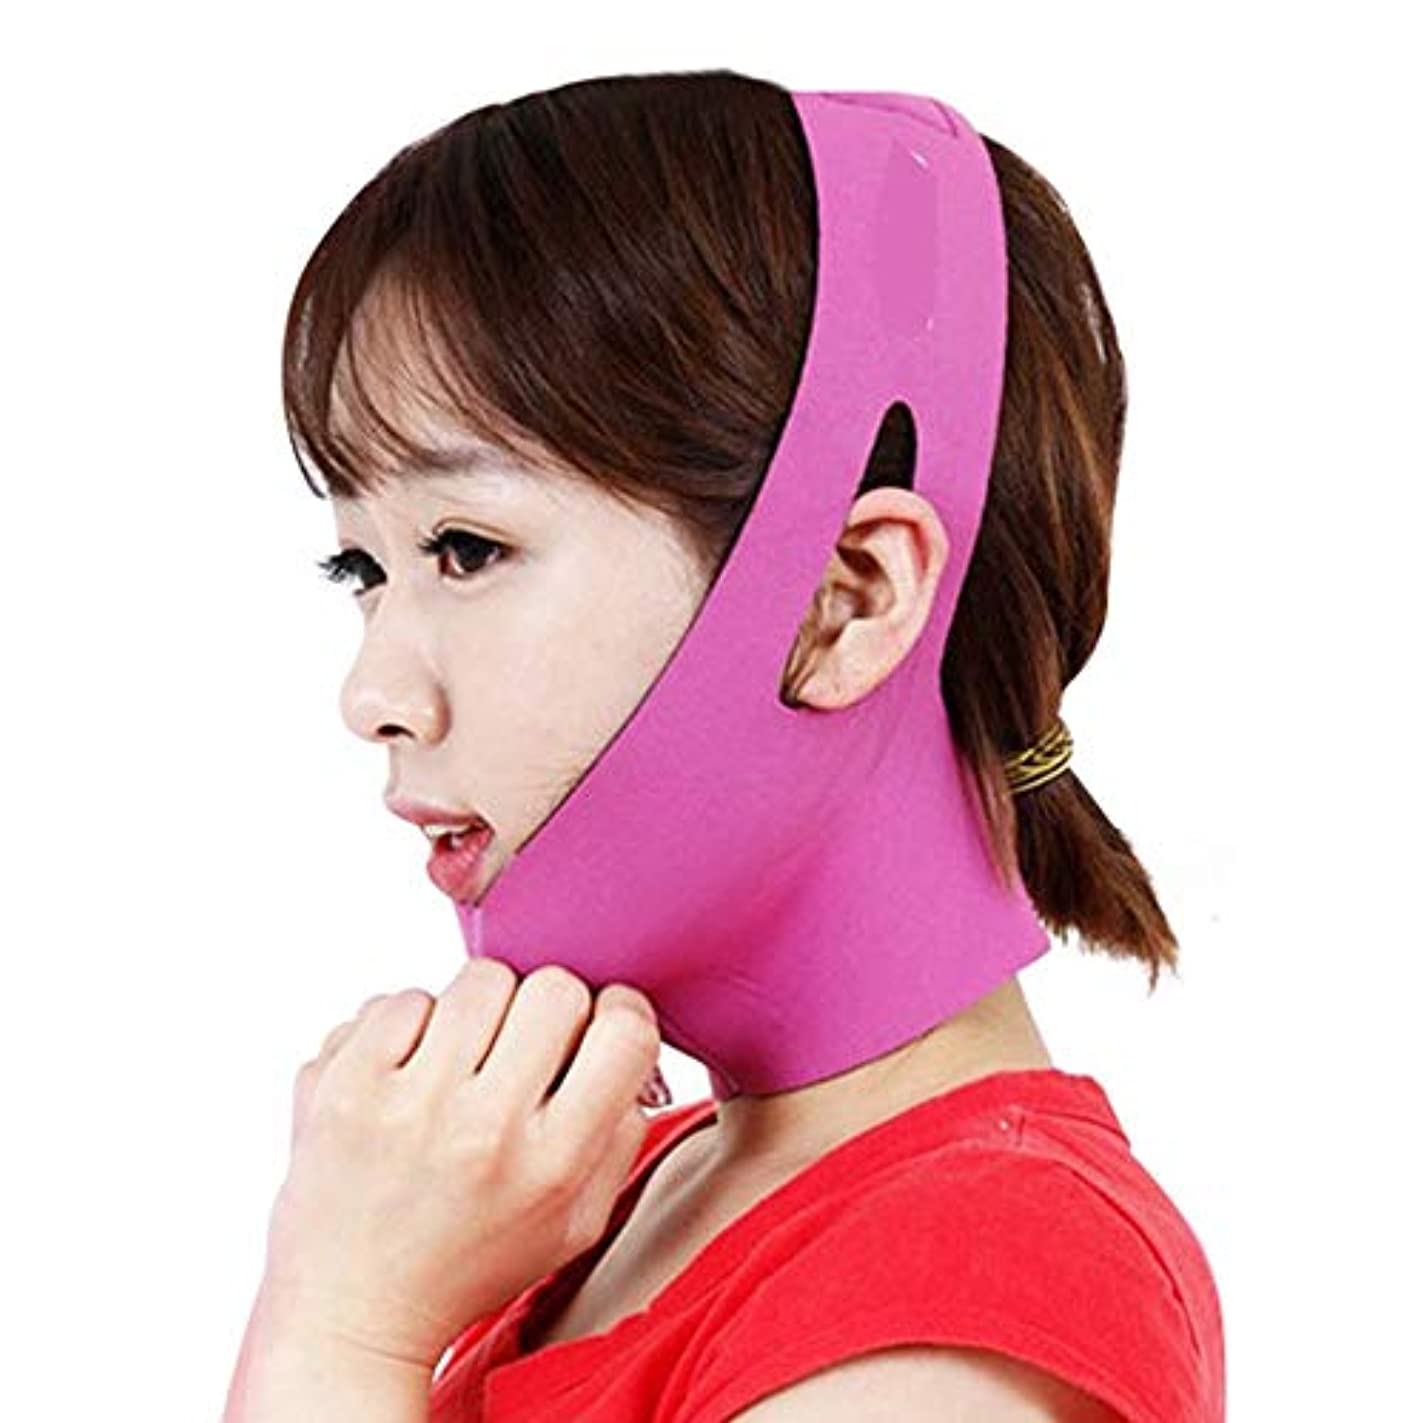 優遇オリエントうなるJia Jia- フェイシャルリフティング痩身ベルト圧縮二重あご減量ベルトスキンケア薄い顔包帯二重あごワークアウト 顔面包帯 (色 : ピンク)